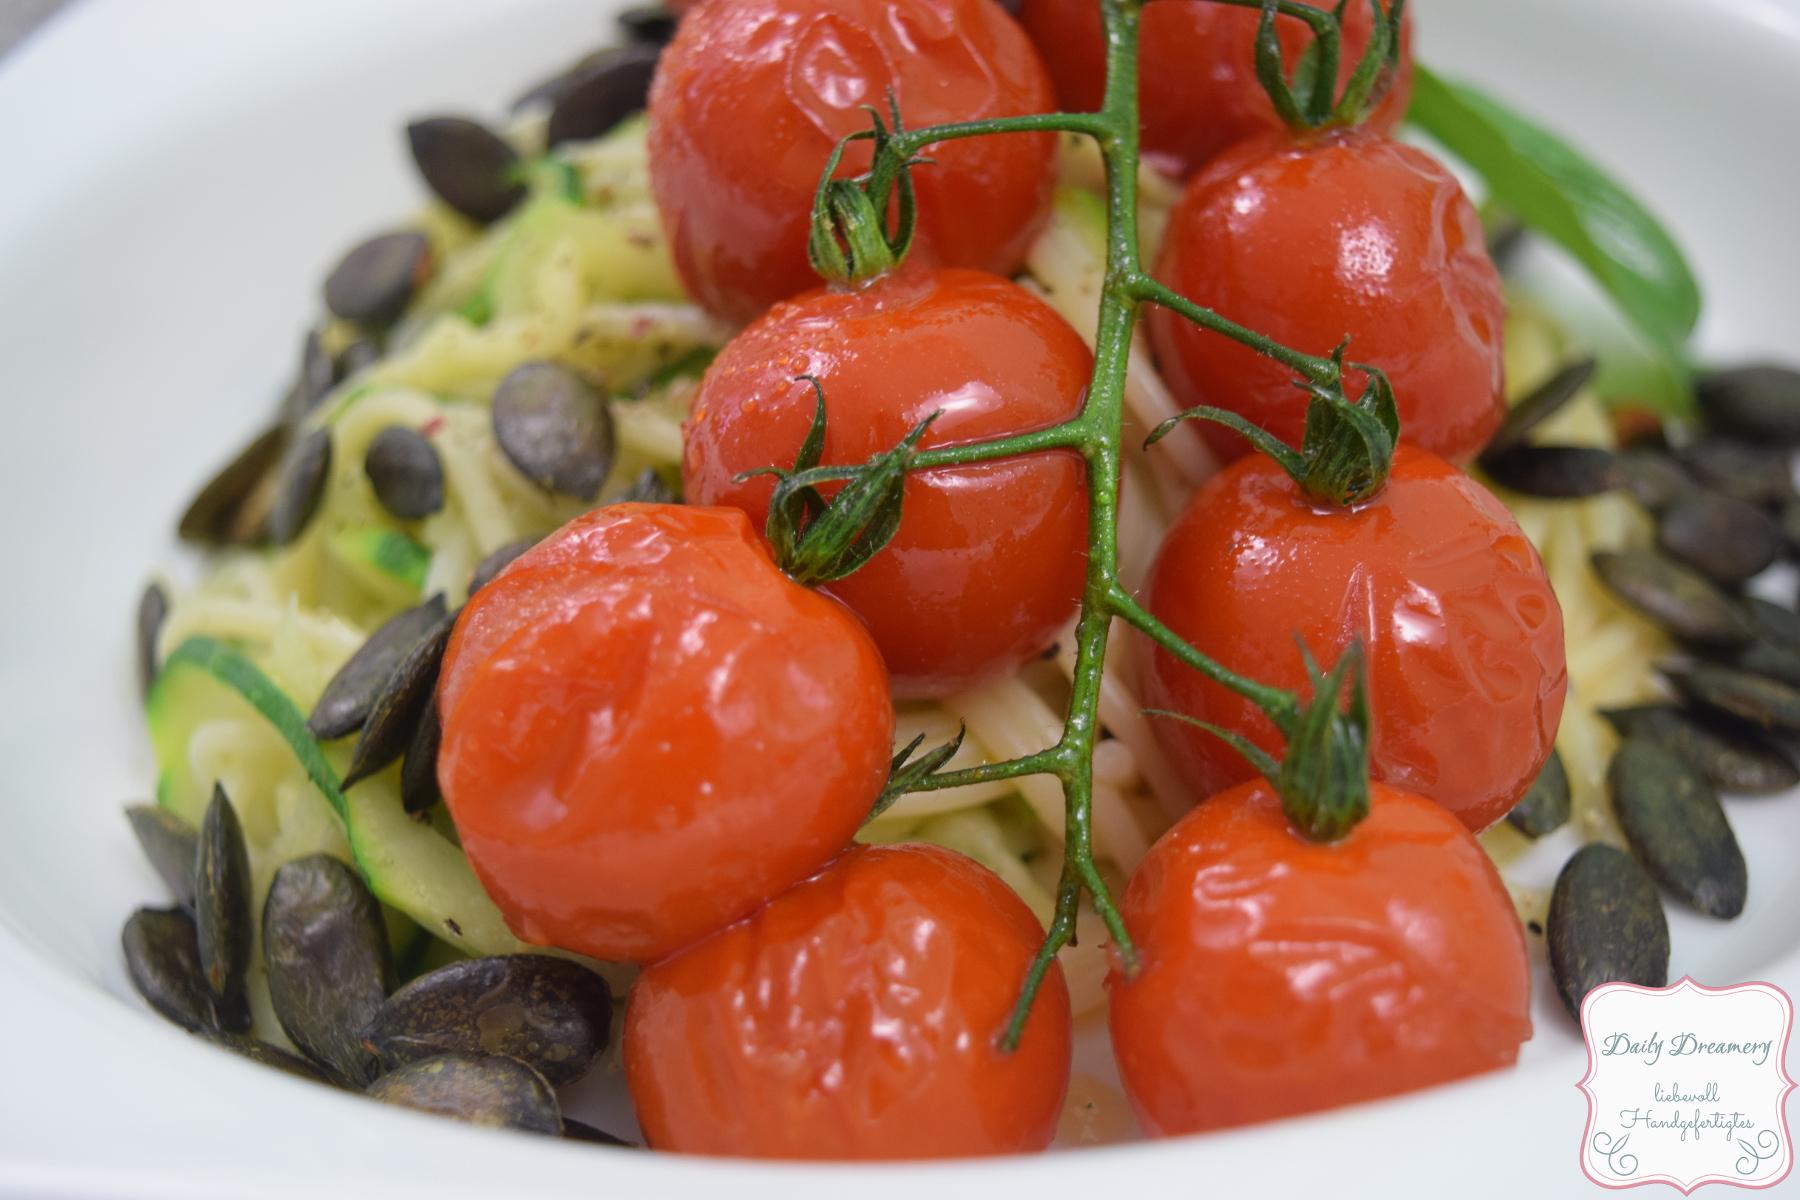 Zucchini-Spaghetti mit glasierten Tomaten und Kürbiskernen  |  A Little Fashion  |  https://www.filizity.com/food/zucchini-spaghetti-tomaten-kuerbiskerne